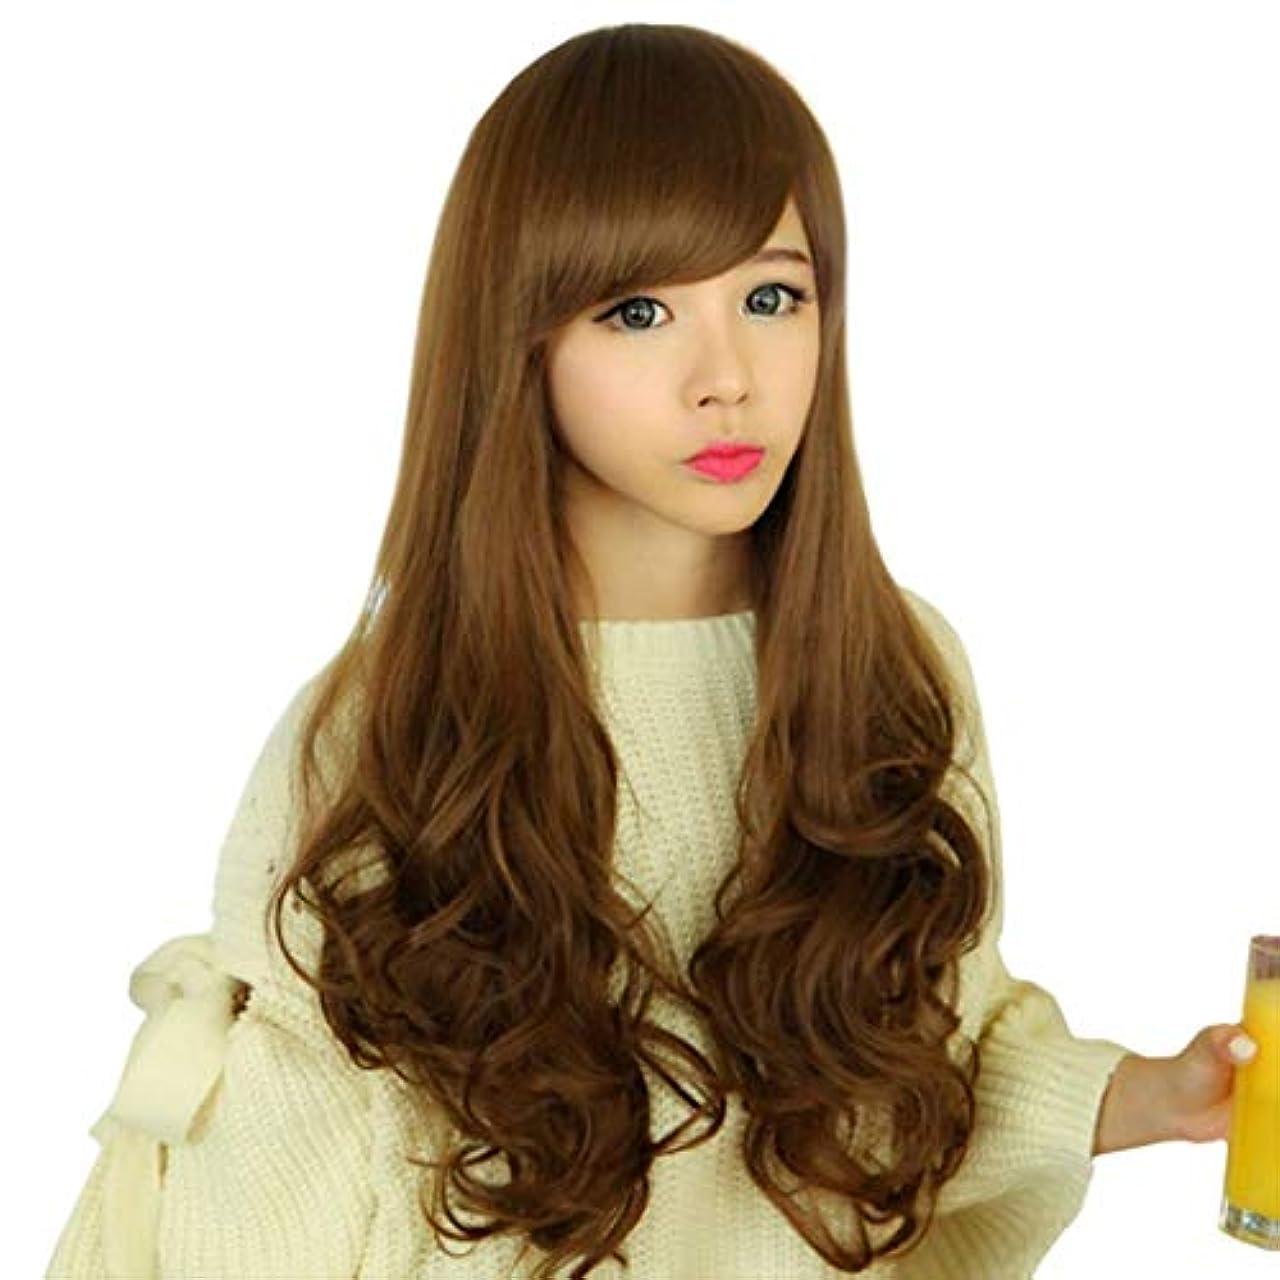 実施するスプーンシェルターKerwinner 女性の女の子を探している天然前髪付きの長い波状の合成かつら